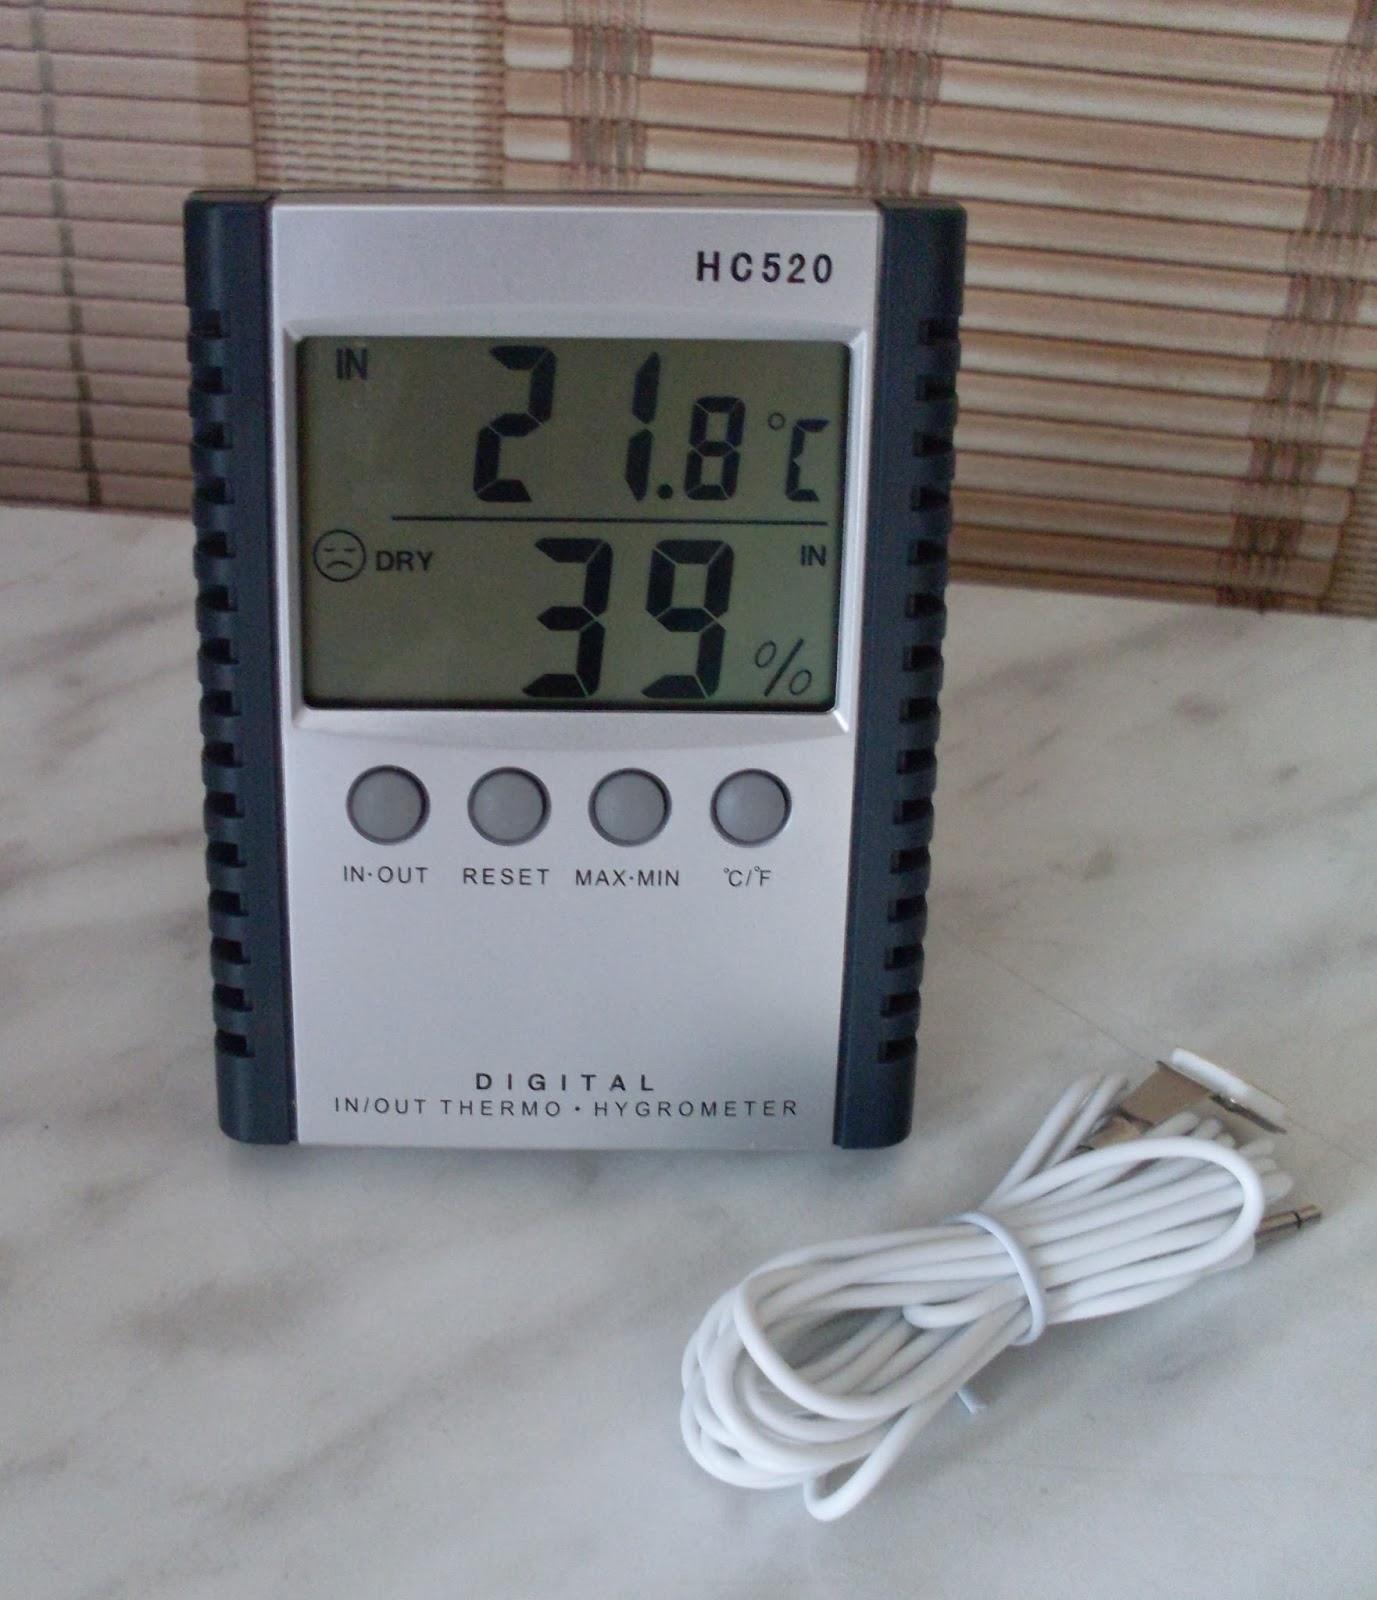 Гигрометр с датчиком HD 520